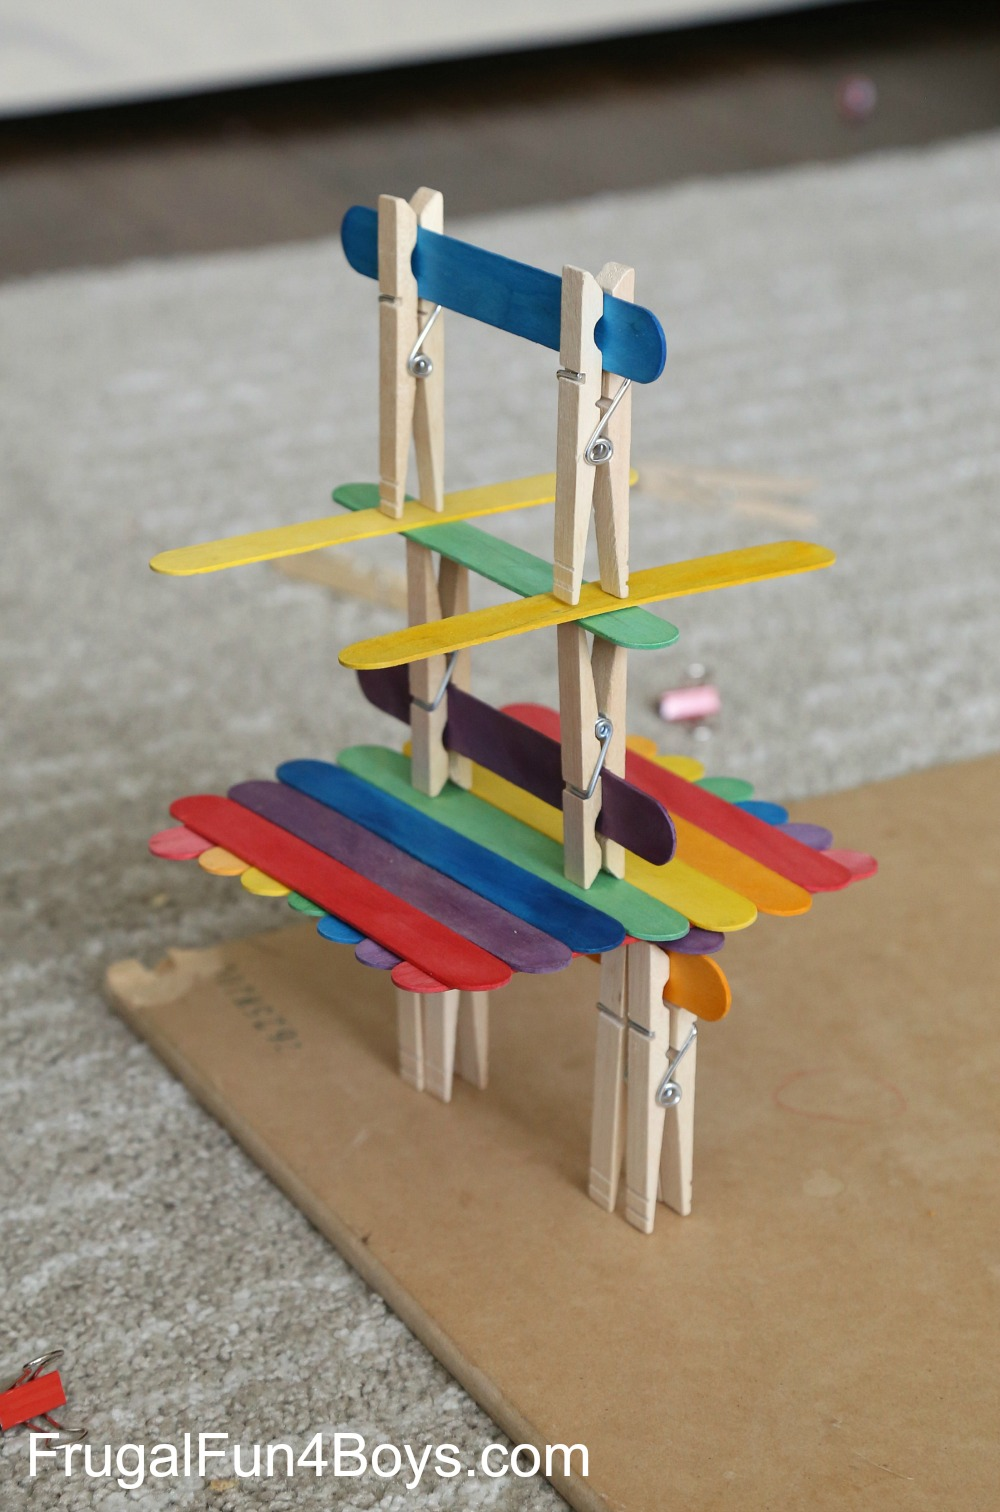 construcción con plaitos y pinzas